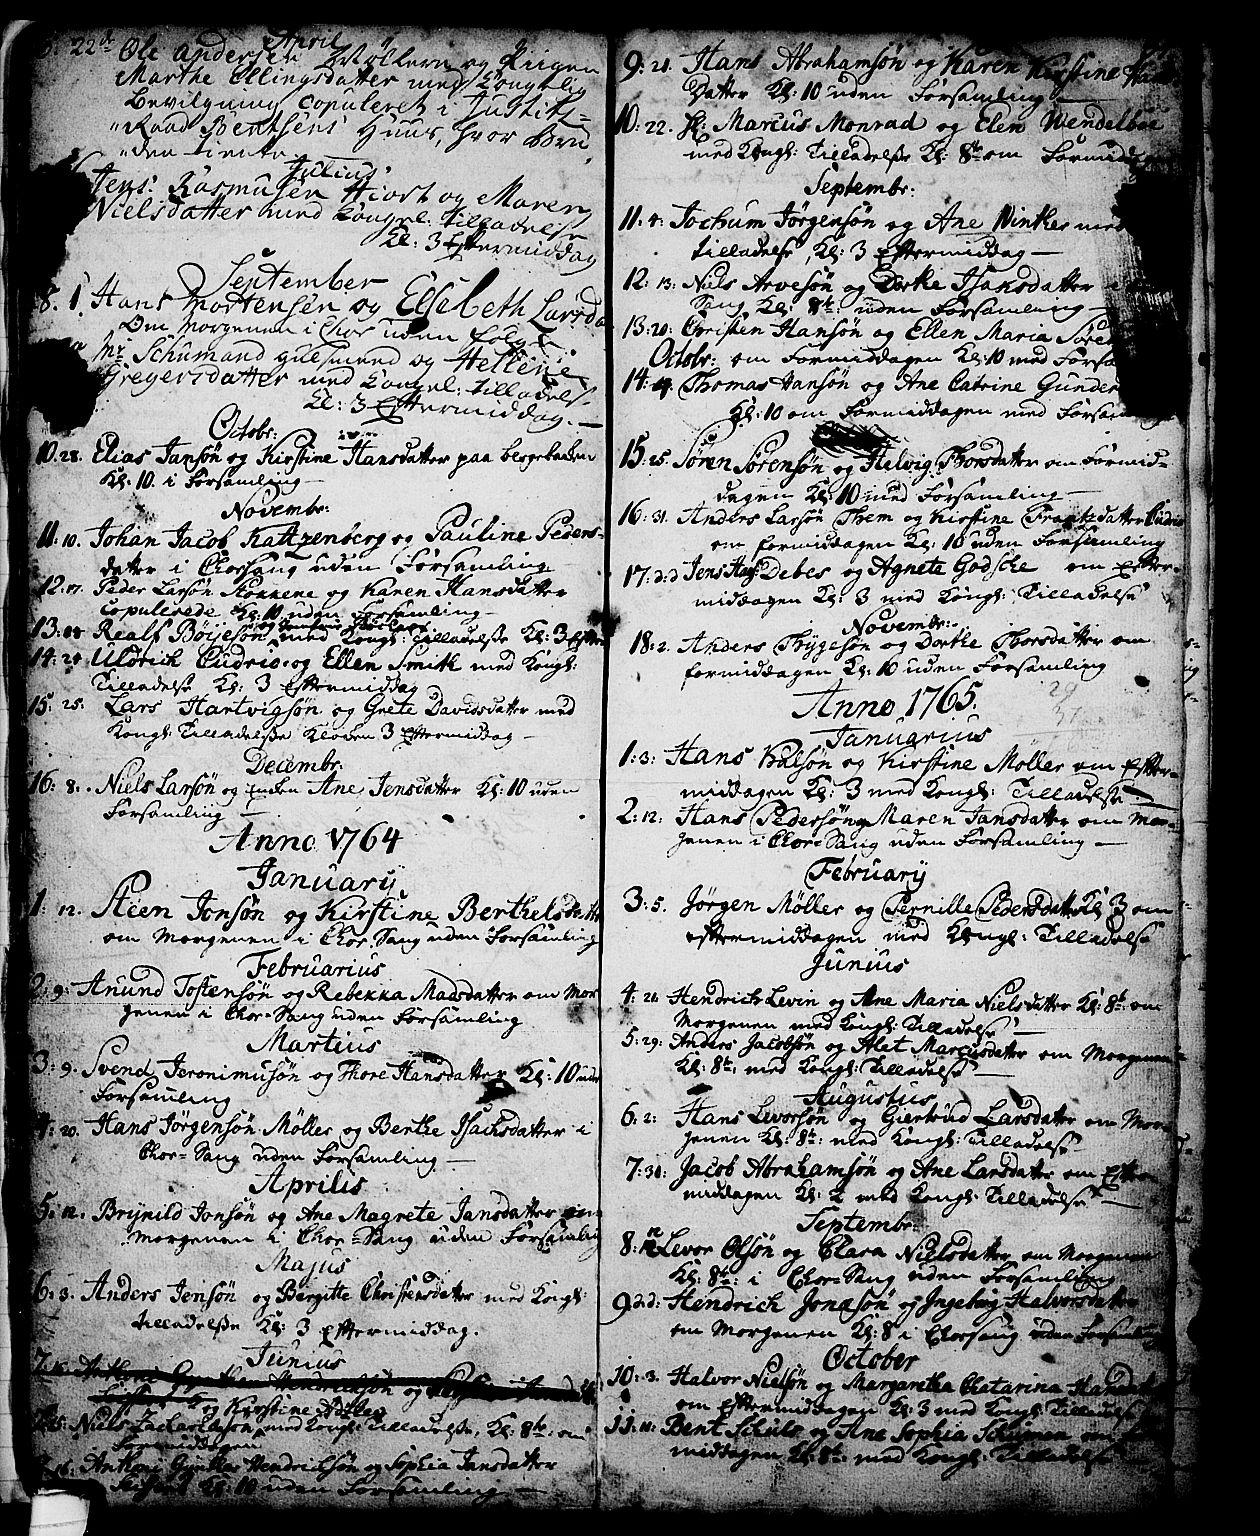 SAKO, Skien kirkebøker, G/Ga/L0001: Klokkerbok nr. 1, 1756-1791, s. 34